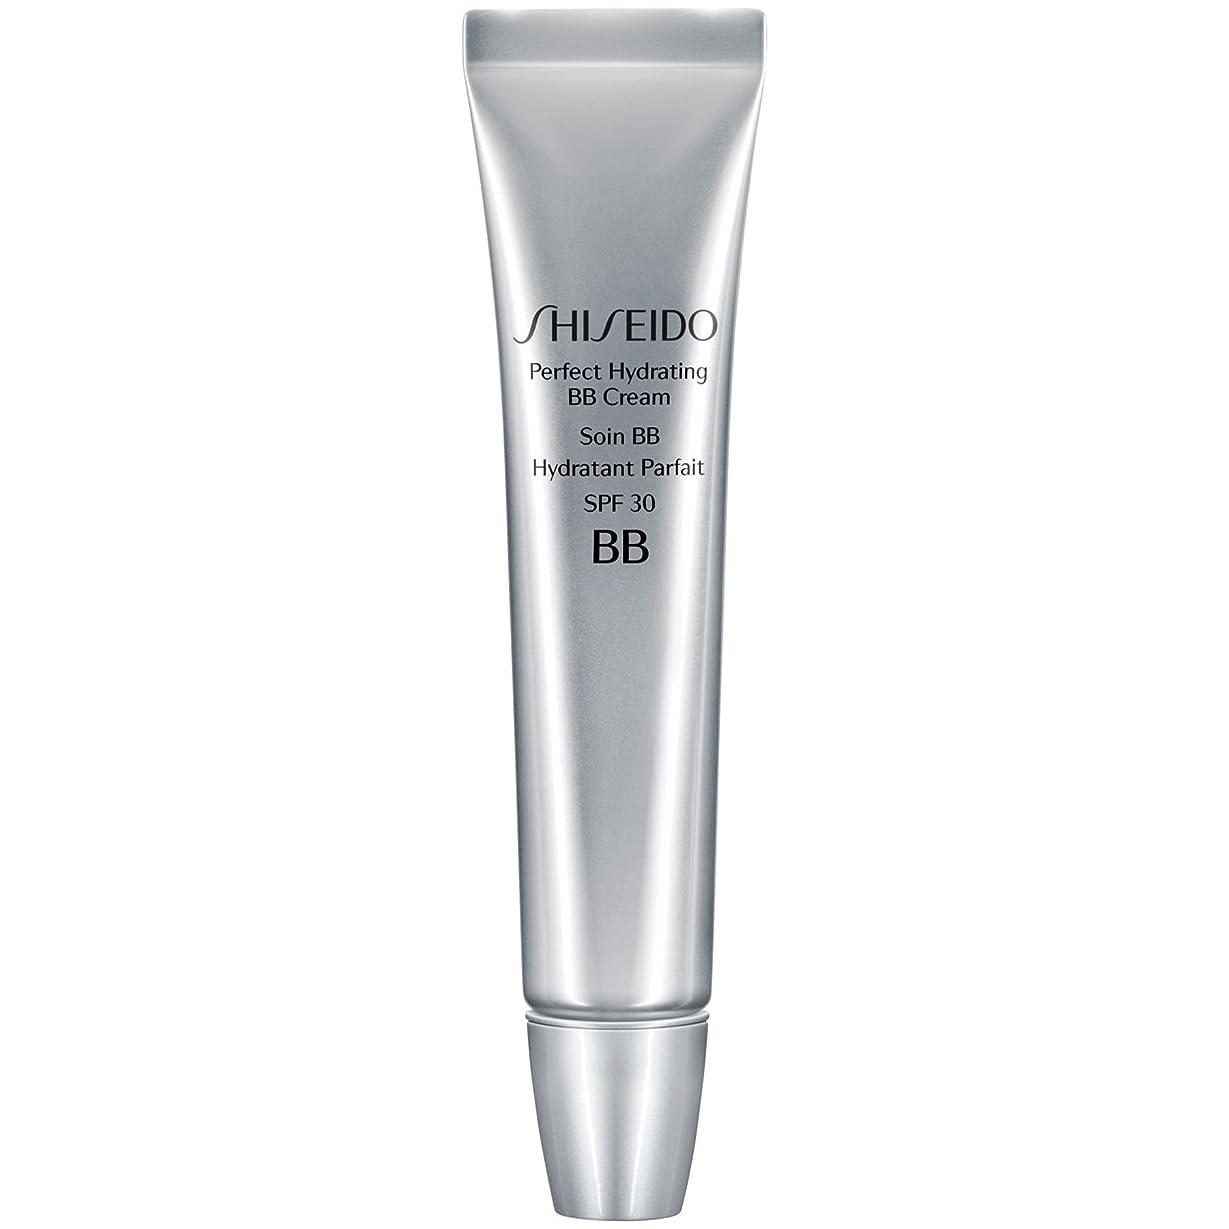 志すエアコン時期尚早[Shiseido ] 資生堂完璧な水和BbクリームSpf 30 30ミリリットル媒体 - Shiseido Perfect Hydrating BB Cream SPF 30 30ml Medium [並行輸入品]